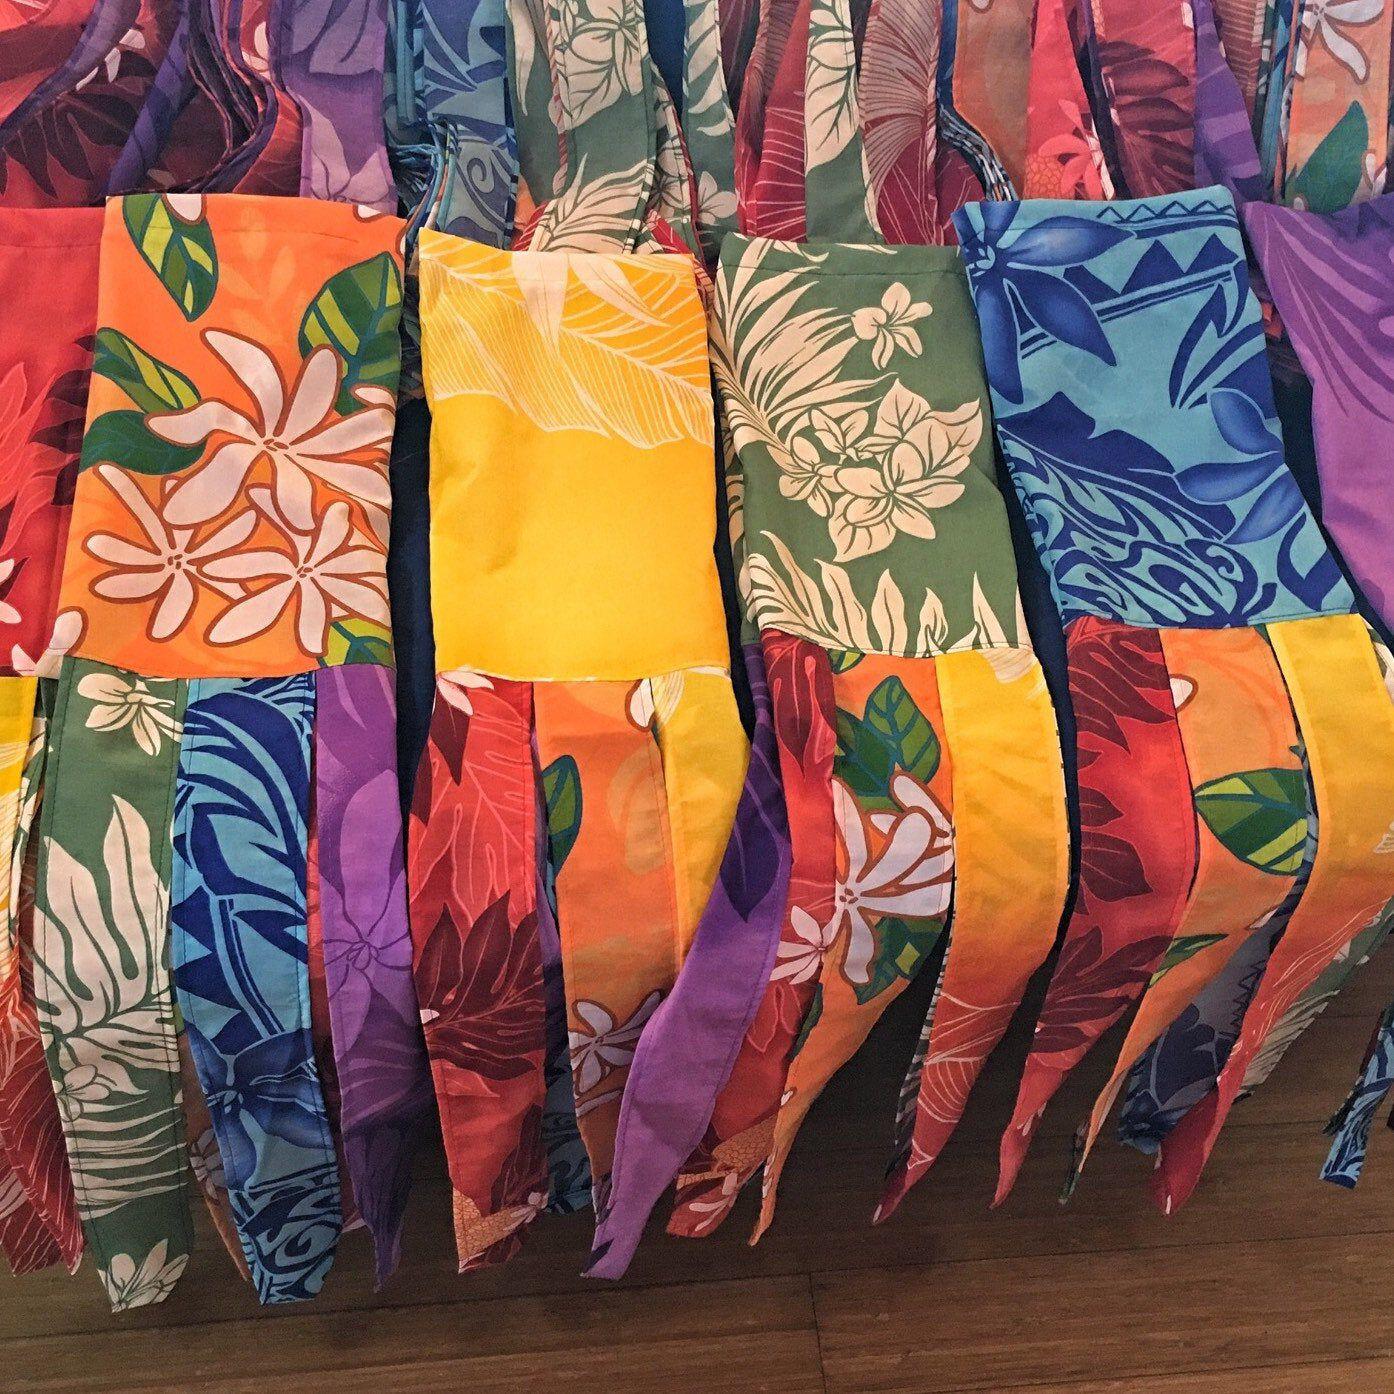 #aloha #alohathursday #alohatherapy #alohavibes #alohafabric #alohaspirit #madewithaloha #alohaaina #alohastate #alohadecor #alohalife #alohanation #alohaarmy #aloharevolution #alohashirt #alohacollection #alohafamily #alohawindsock #alohawindsocks #etsy